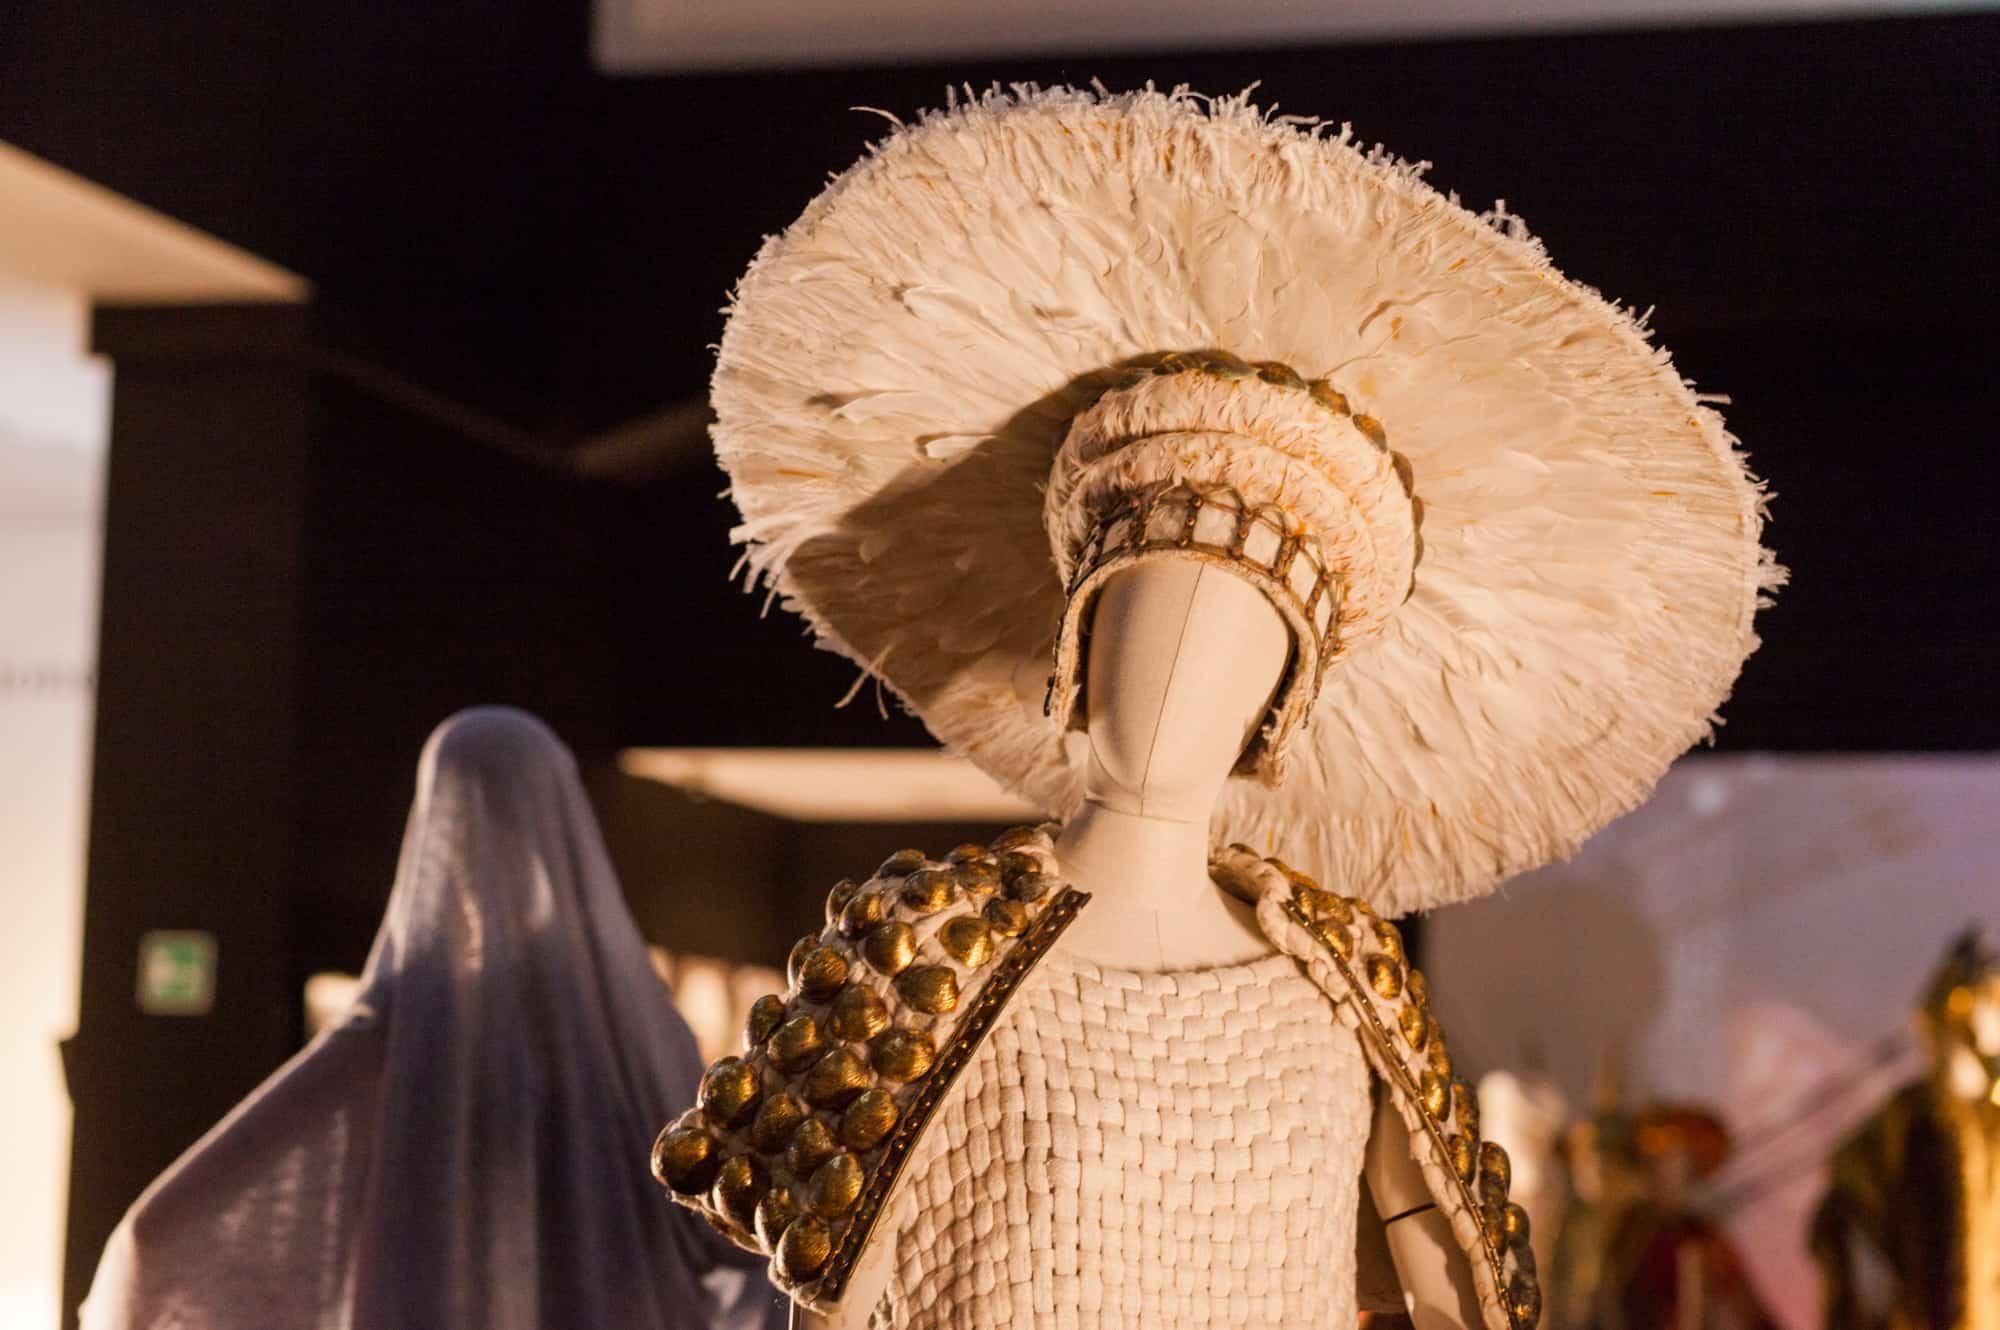 Bonaveri mannequins for pasolini exhibition 17